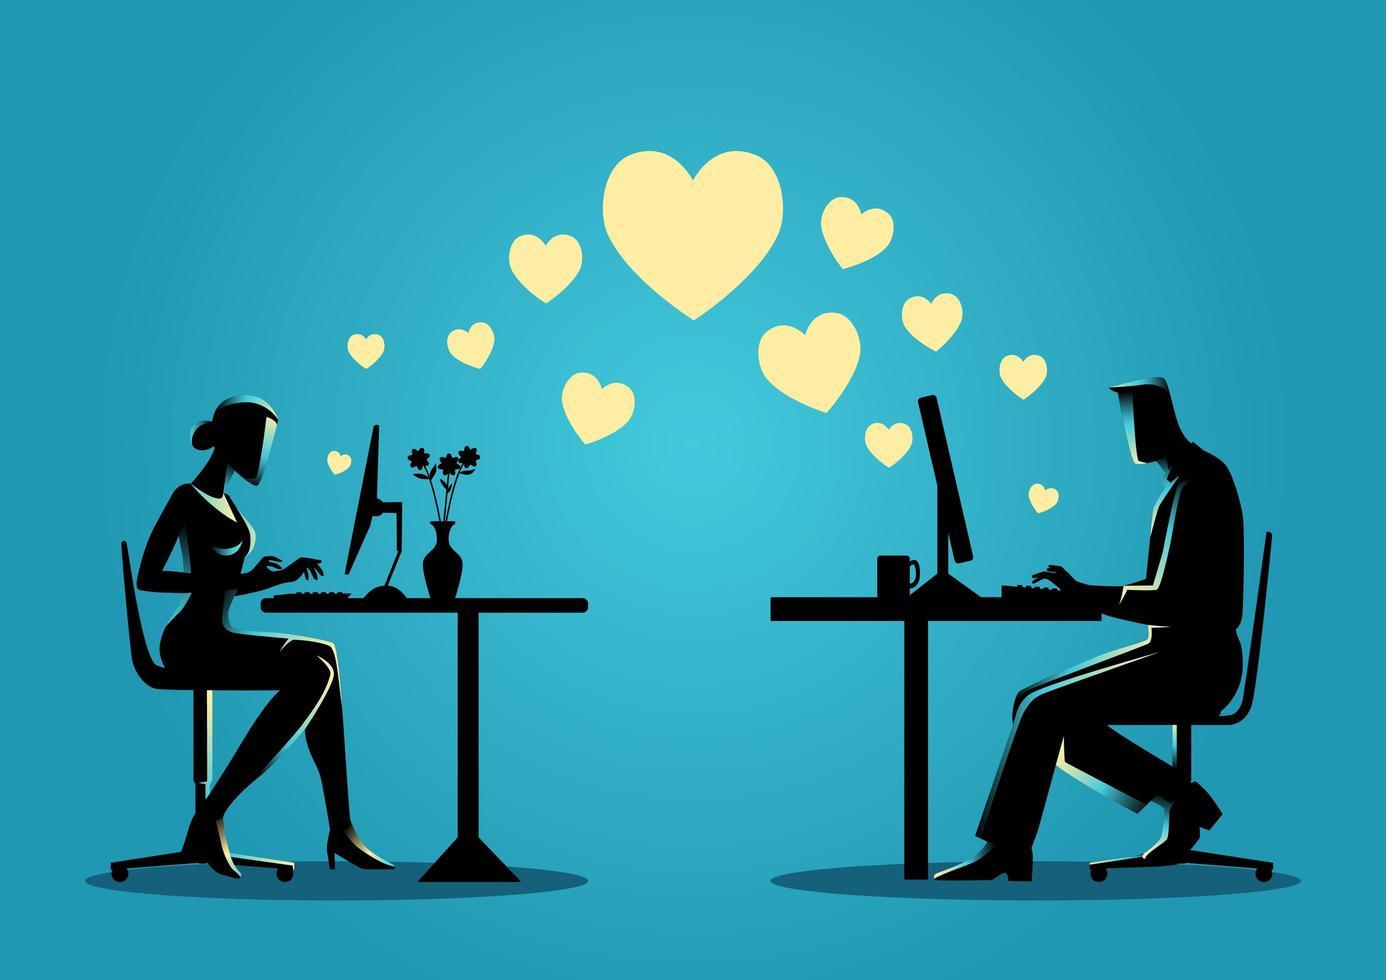 silueta de hombre y mujer chateando en línea vector